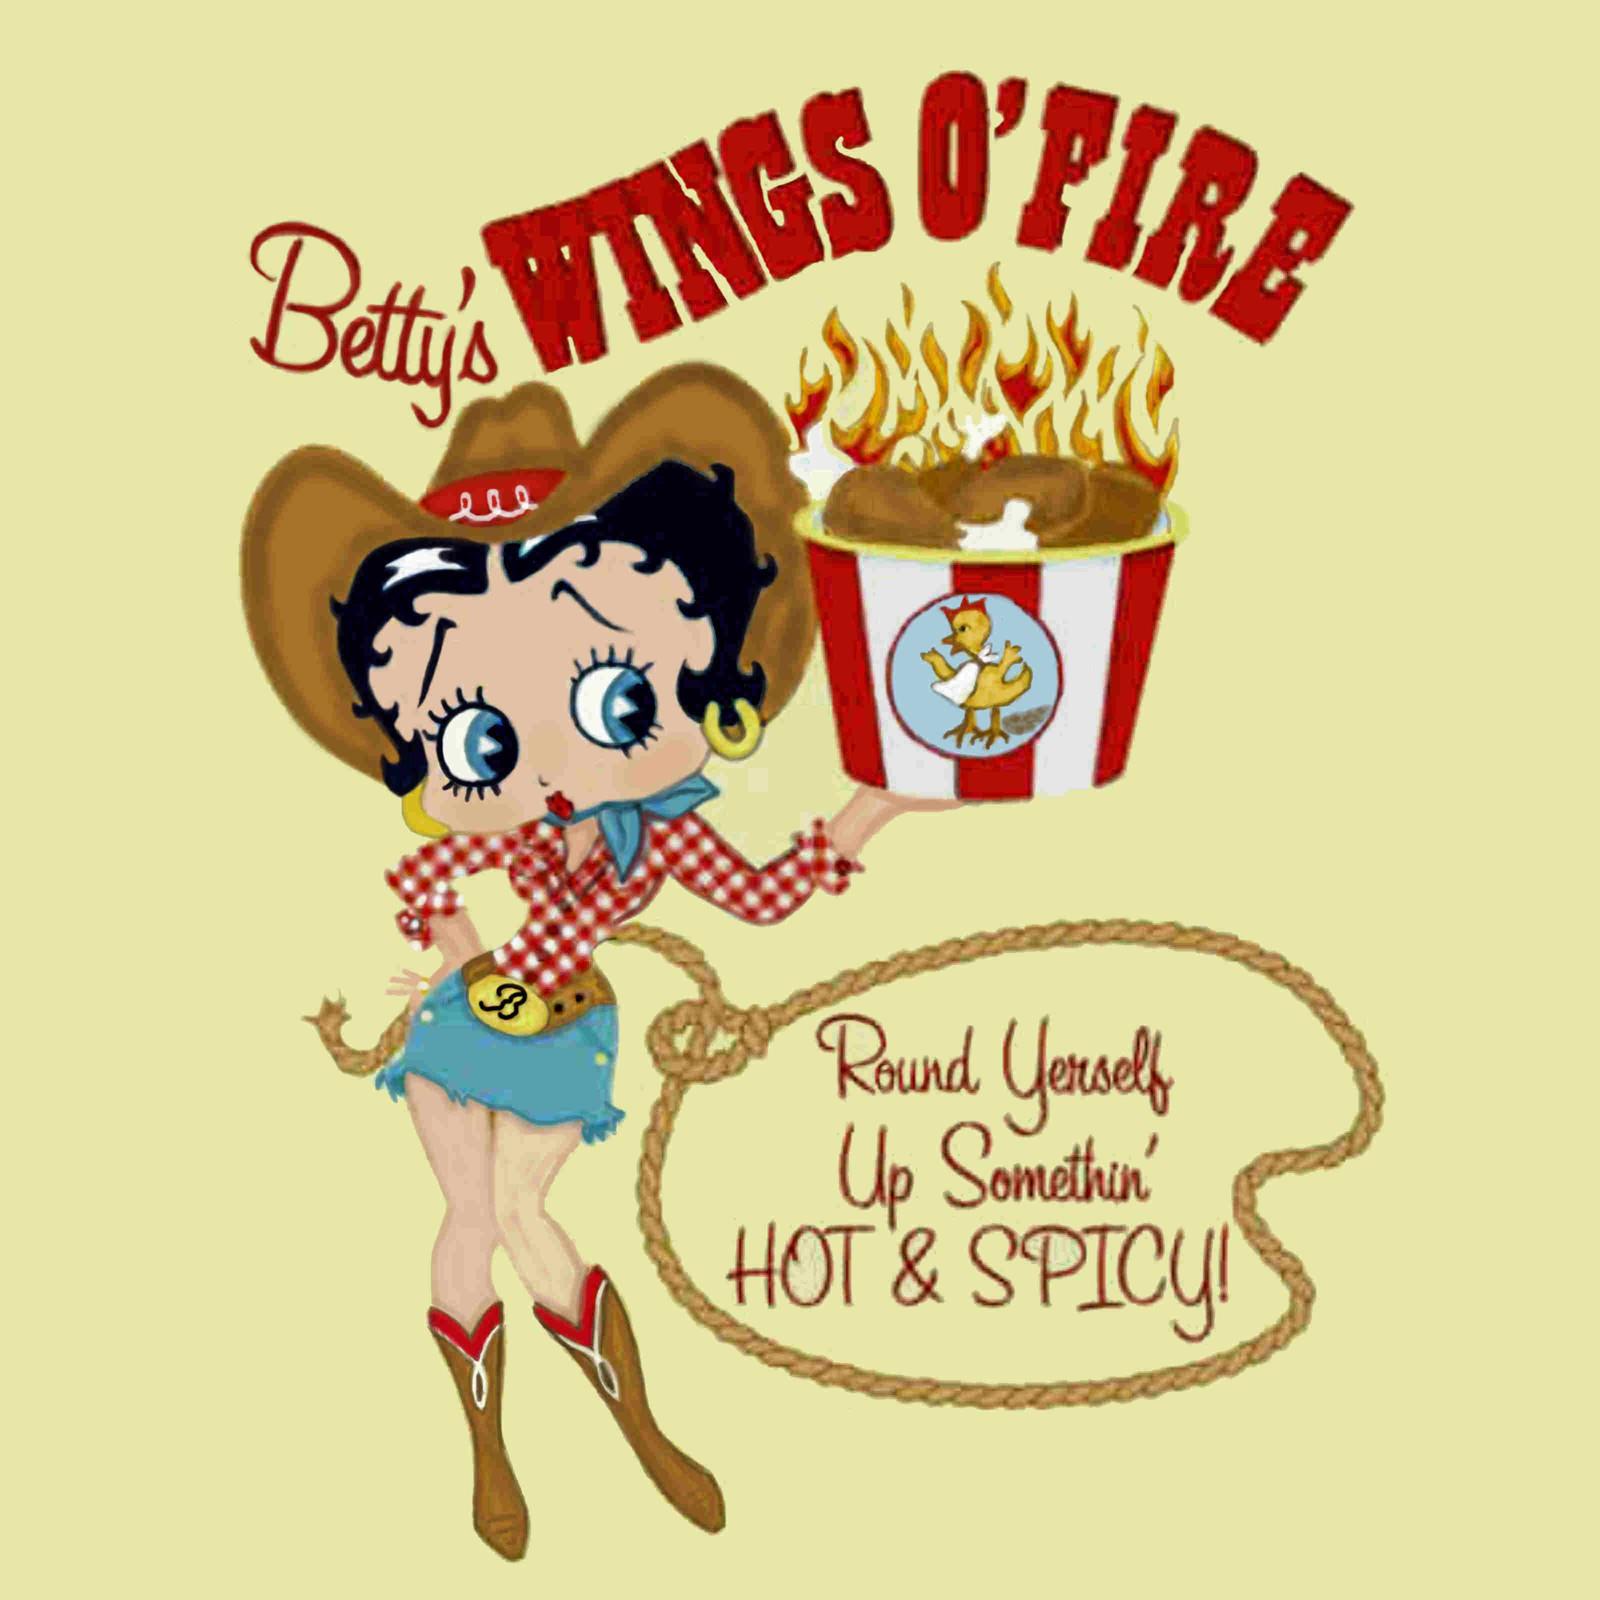 betty boop history Betty boop je animovaná postava vytvořená maxem fleischerem za pomoci animátorů jako je grim natwick původně se objevila v seriálu talkartoon a filmové.